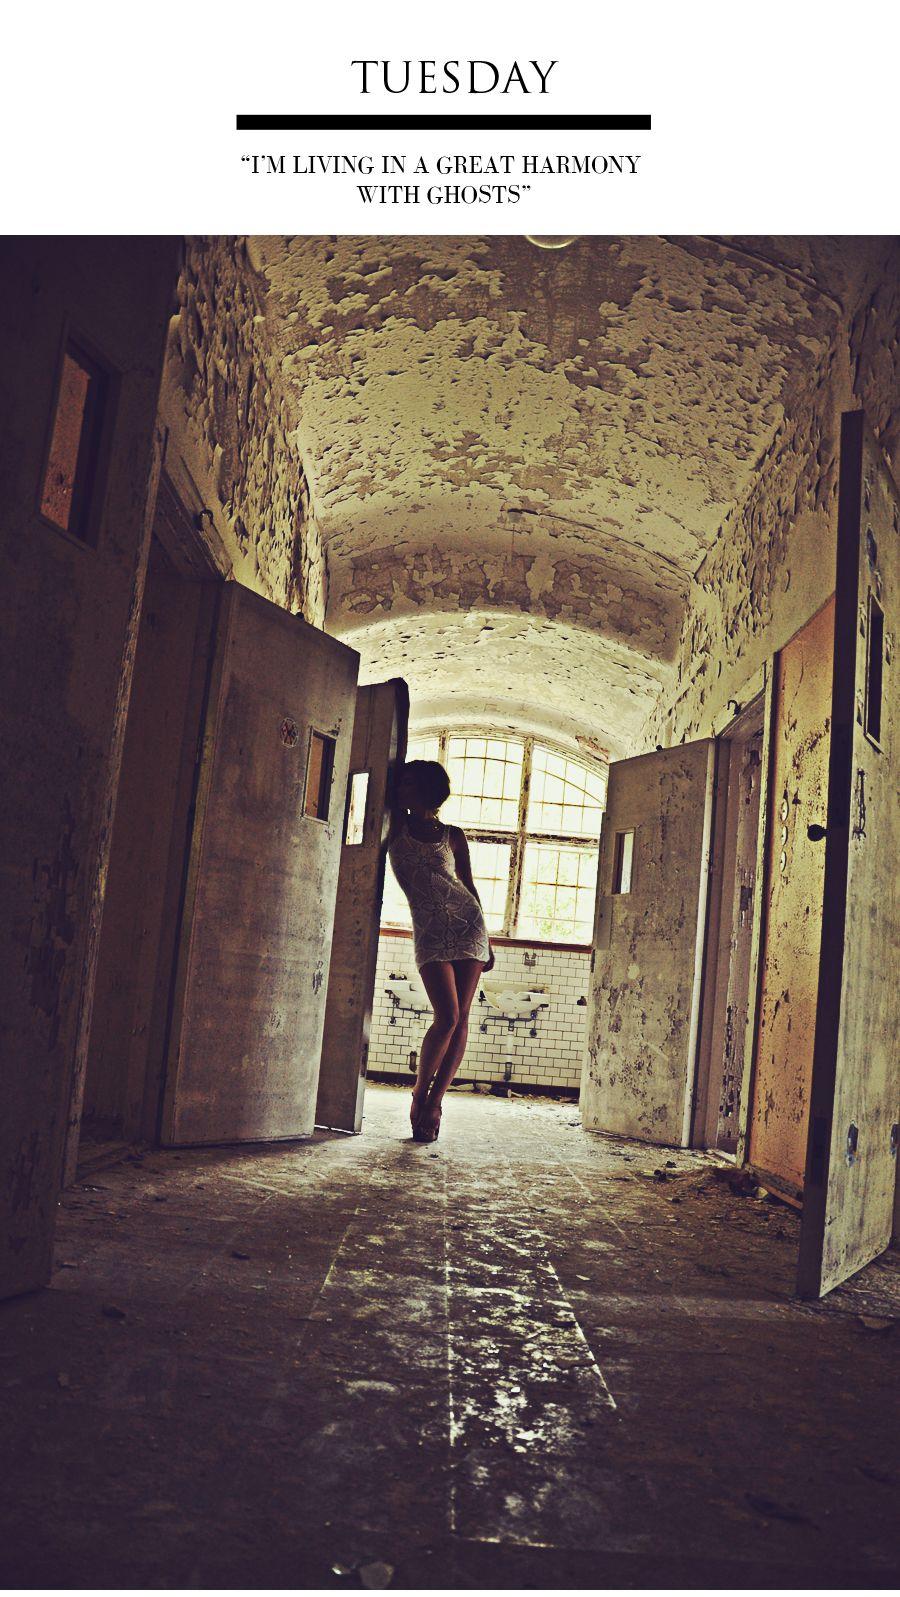 Abandoned warehouse / peeling paint / window / doors / woman / photoshoot